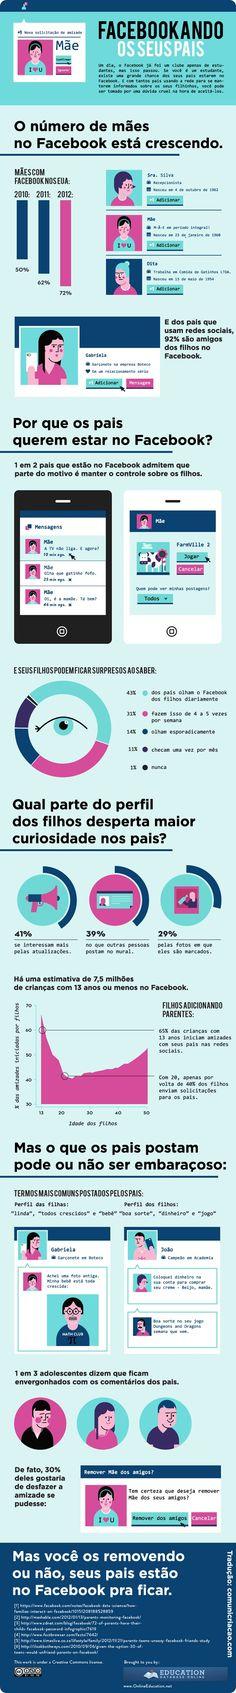 Infográfico sobre pais e filhos no Facebook - TRETA